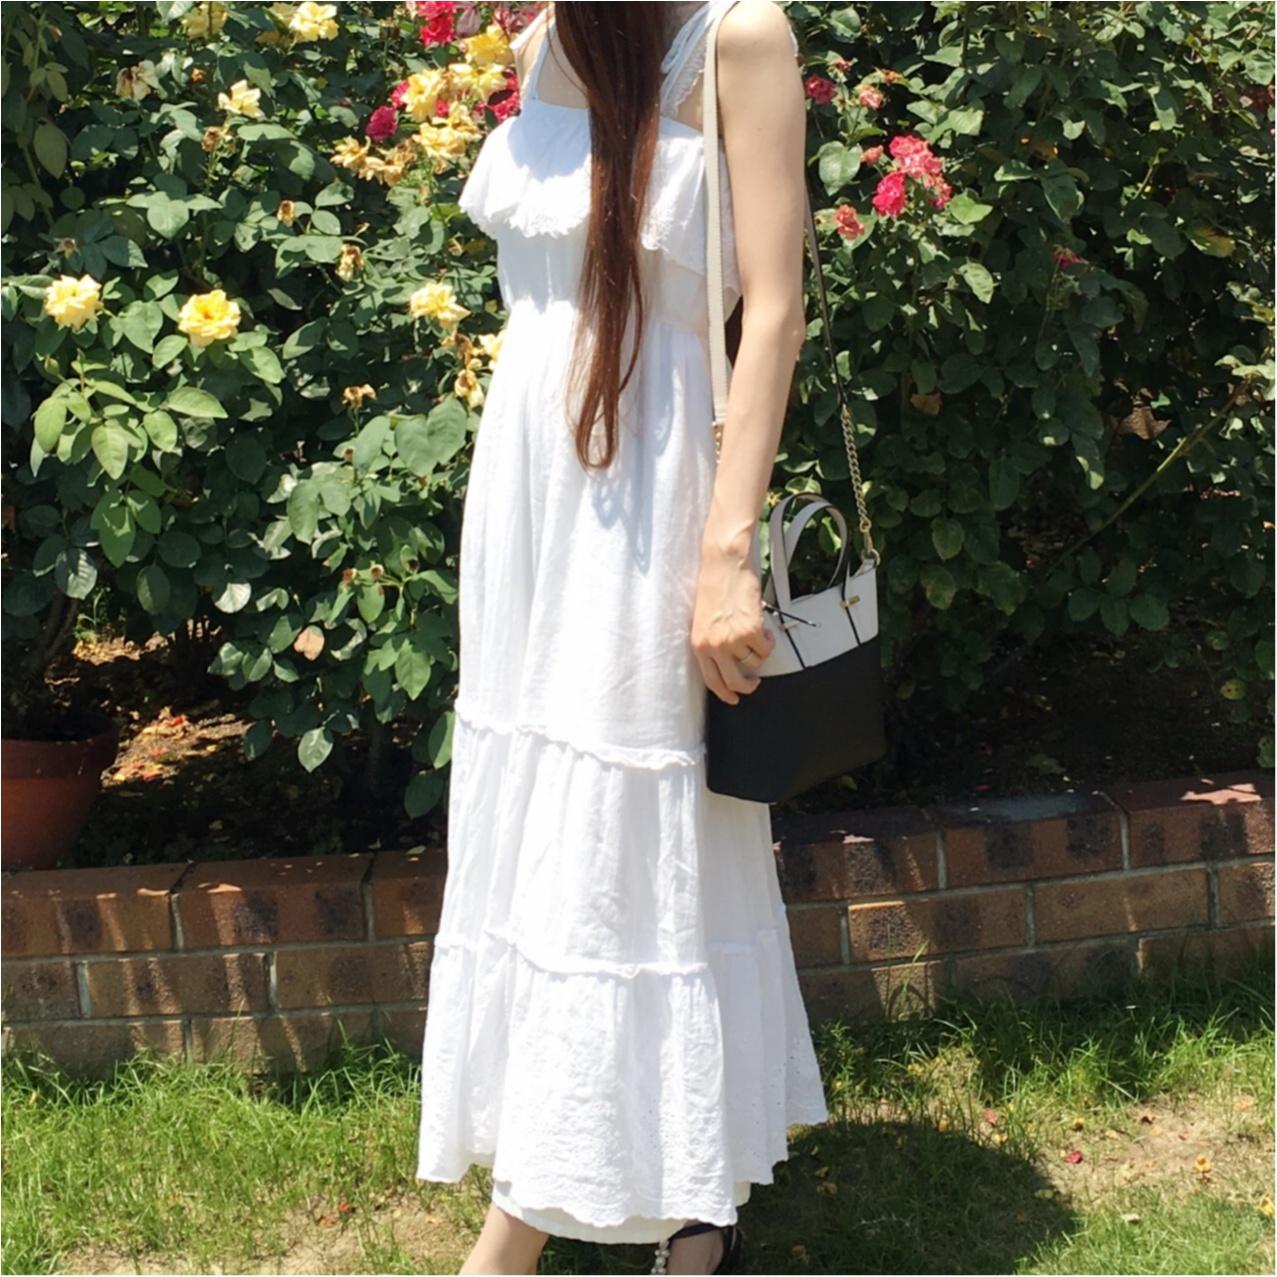 夏コーデの主役は《 ホワイト 》で決まり♡マキシワンピースで爽やかオシャレに♡_2